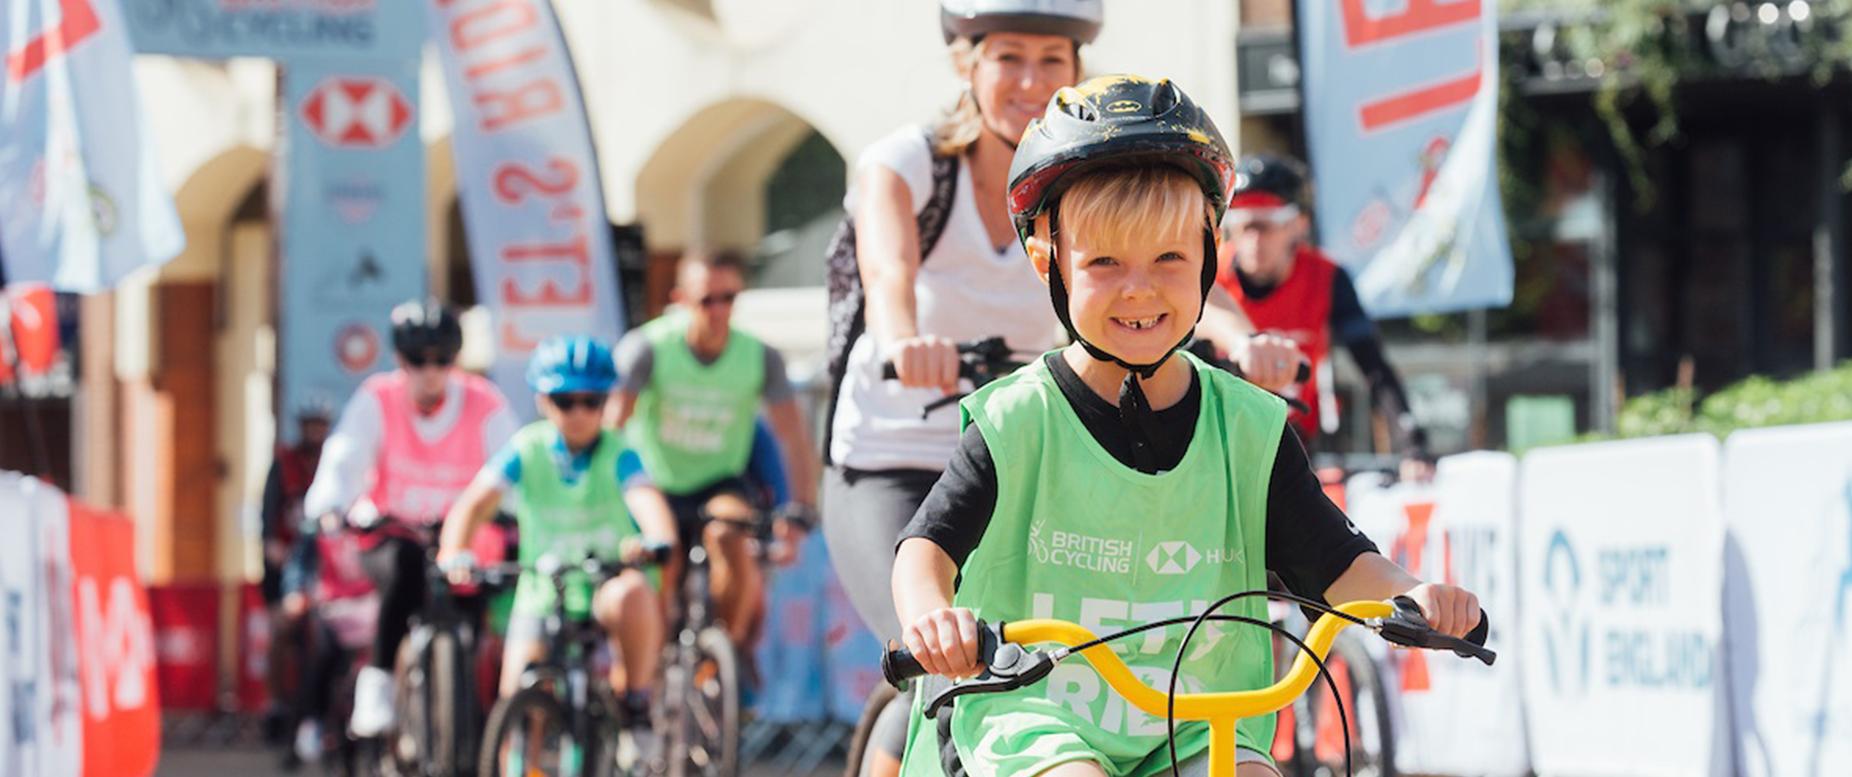 HSBC lets ride